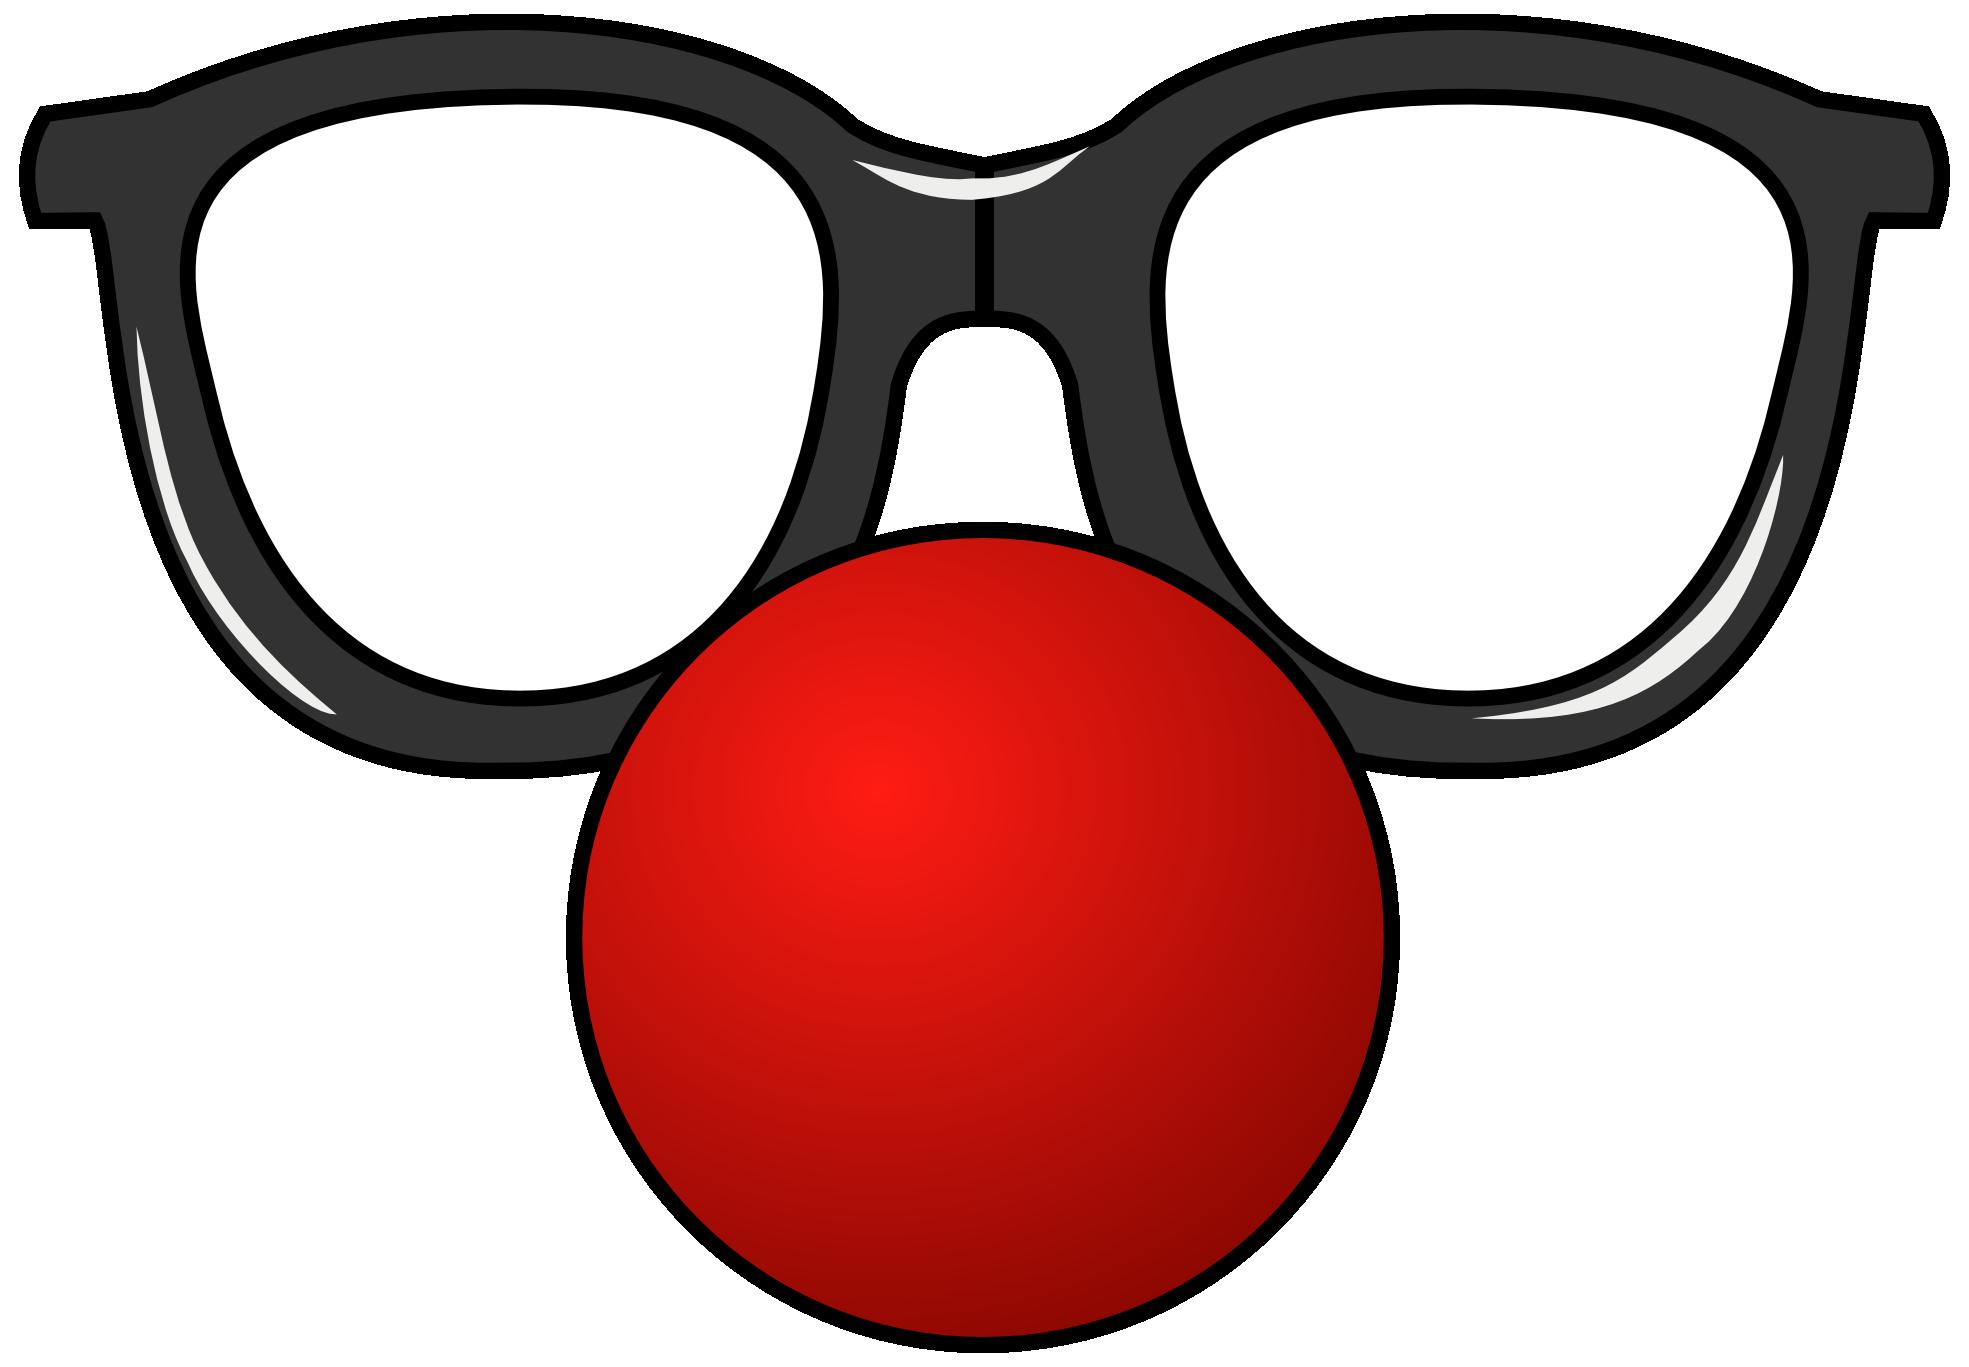 86c5a5b8de 1969x1367 Goggles Clipart Funny